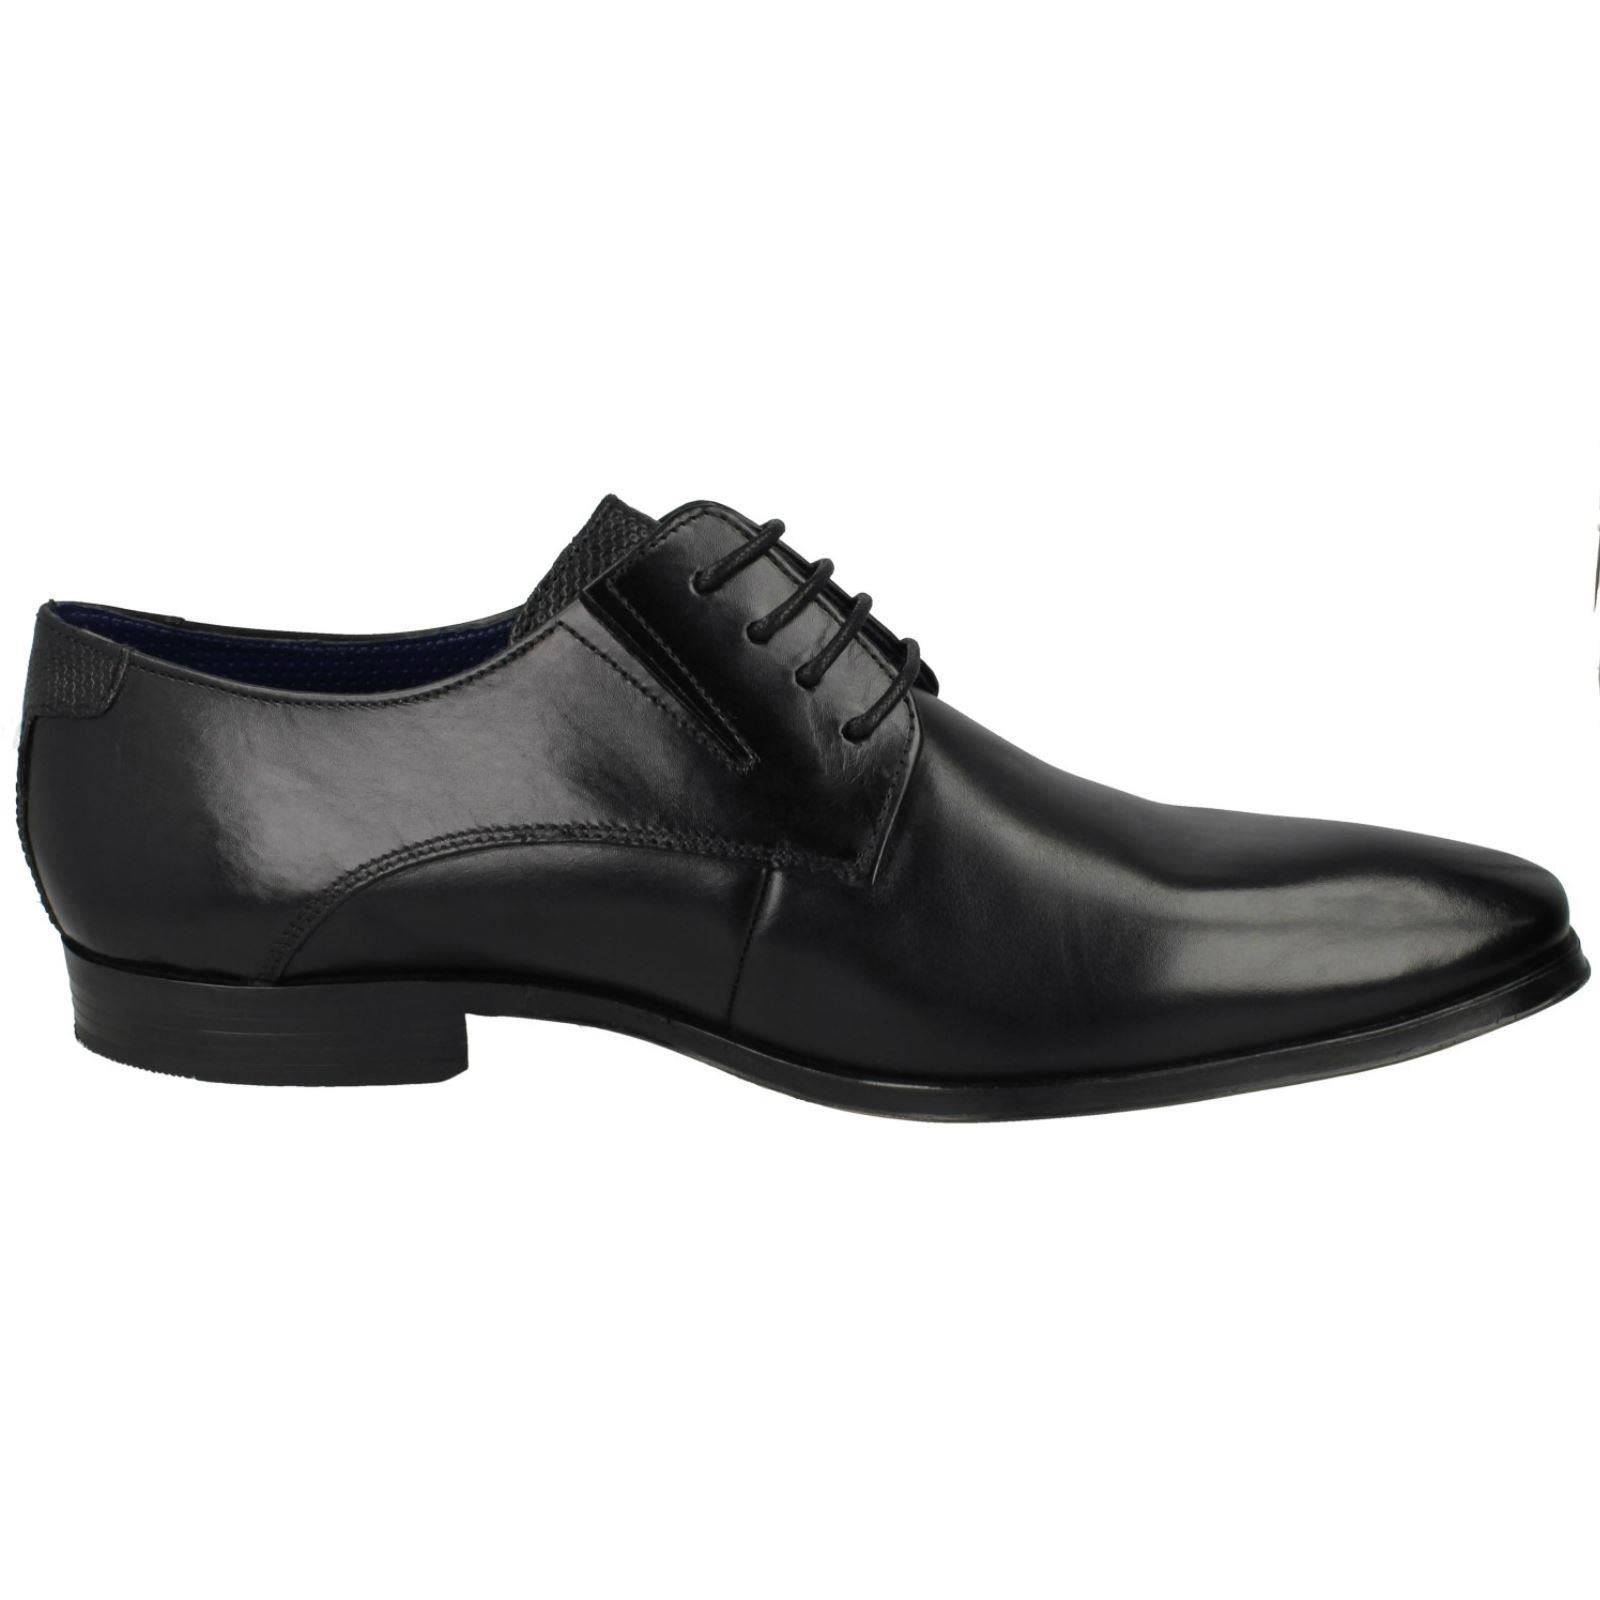 312-42002 Herren Bugatti 312-42002  Formal Schuhes 4500c0